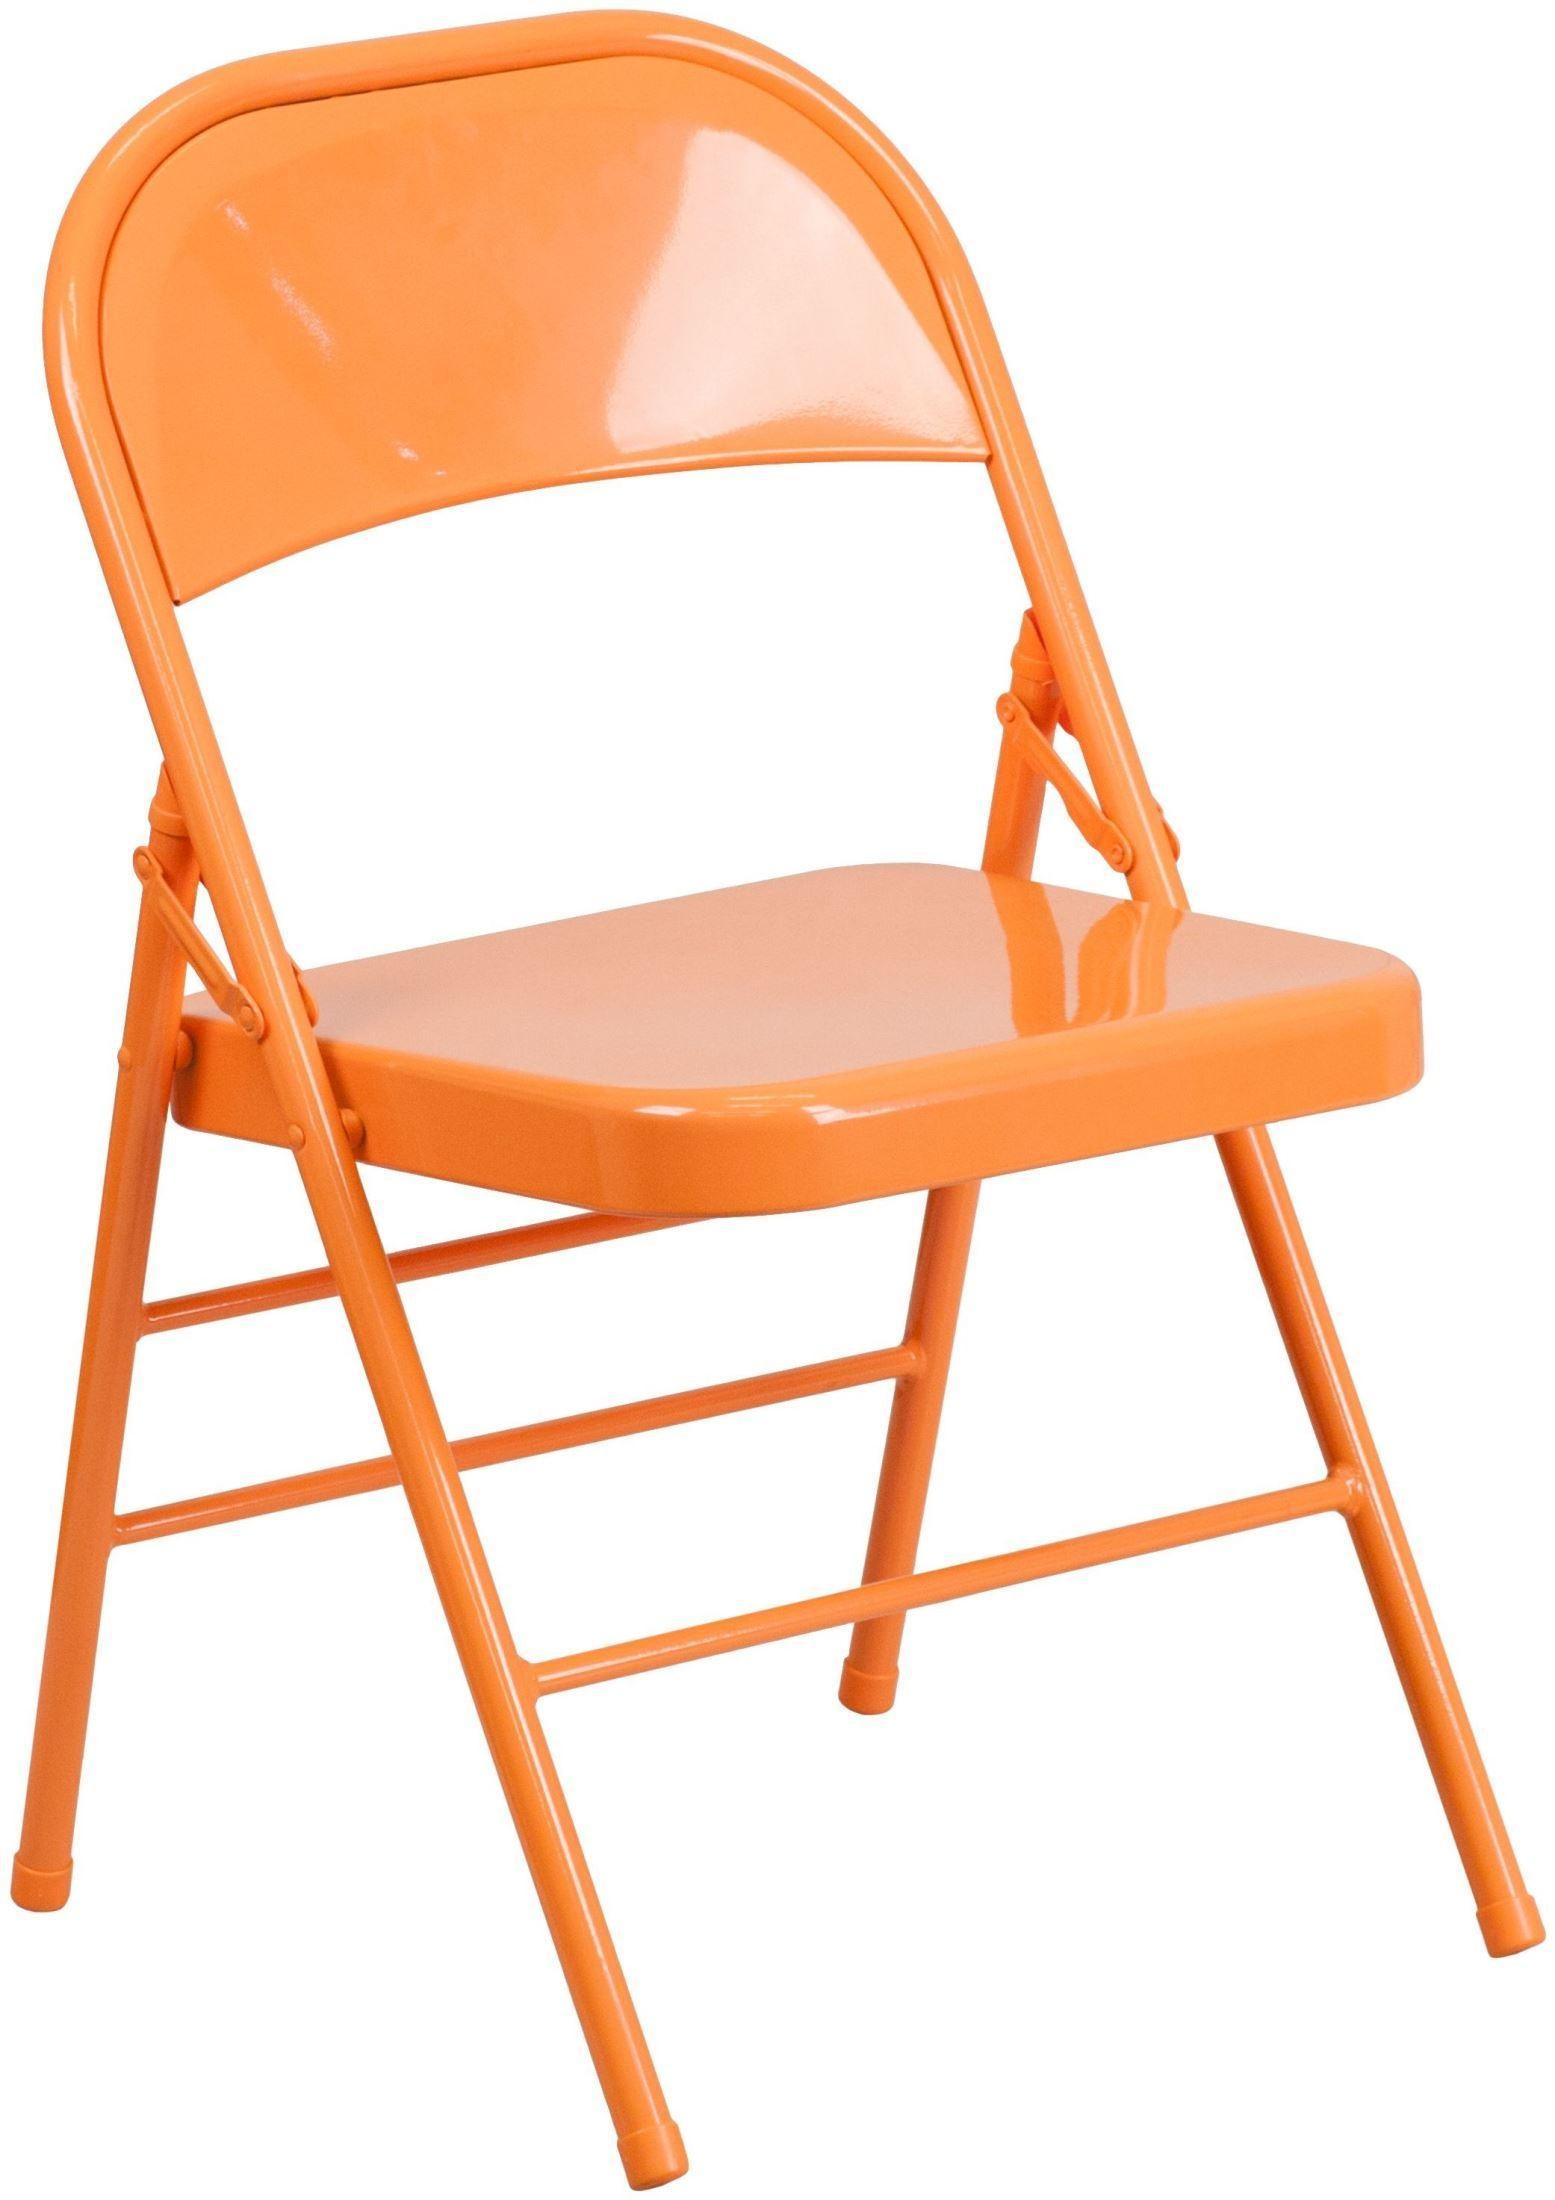 HERCULES COLORBURST Series Orange Marmalade Triple Braced Metal